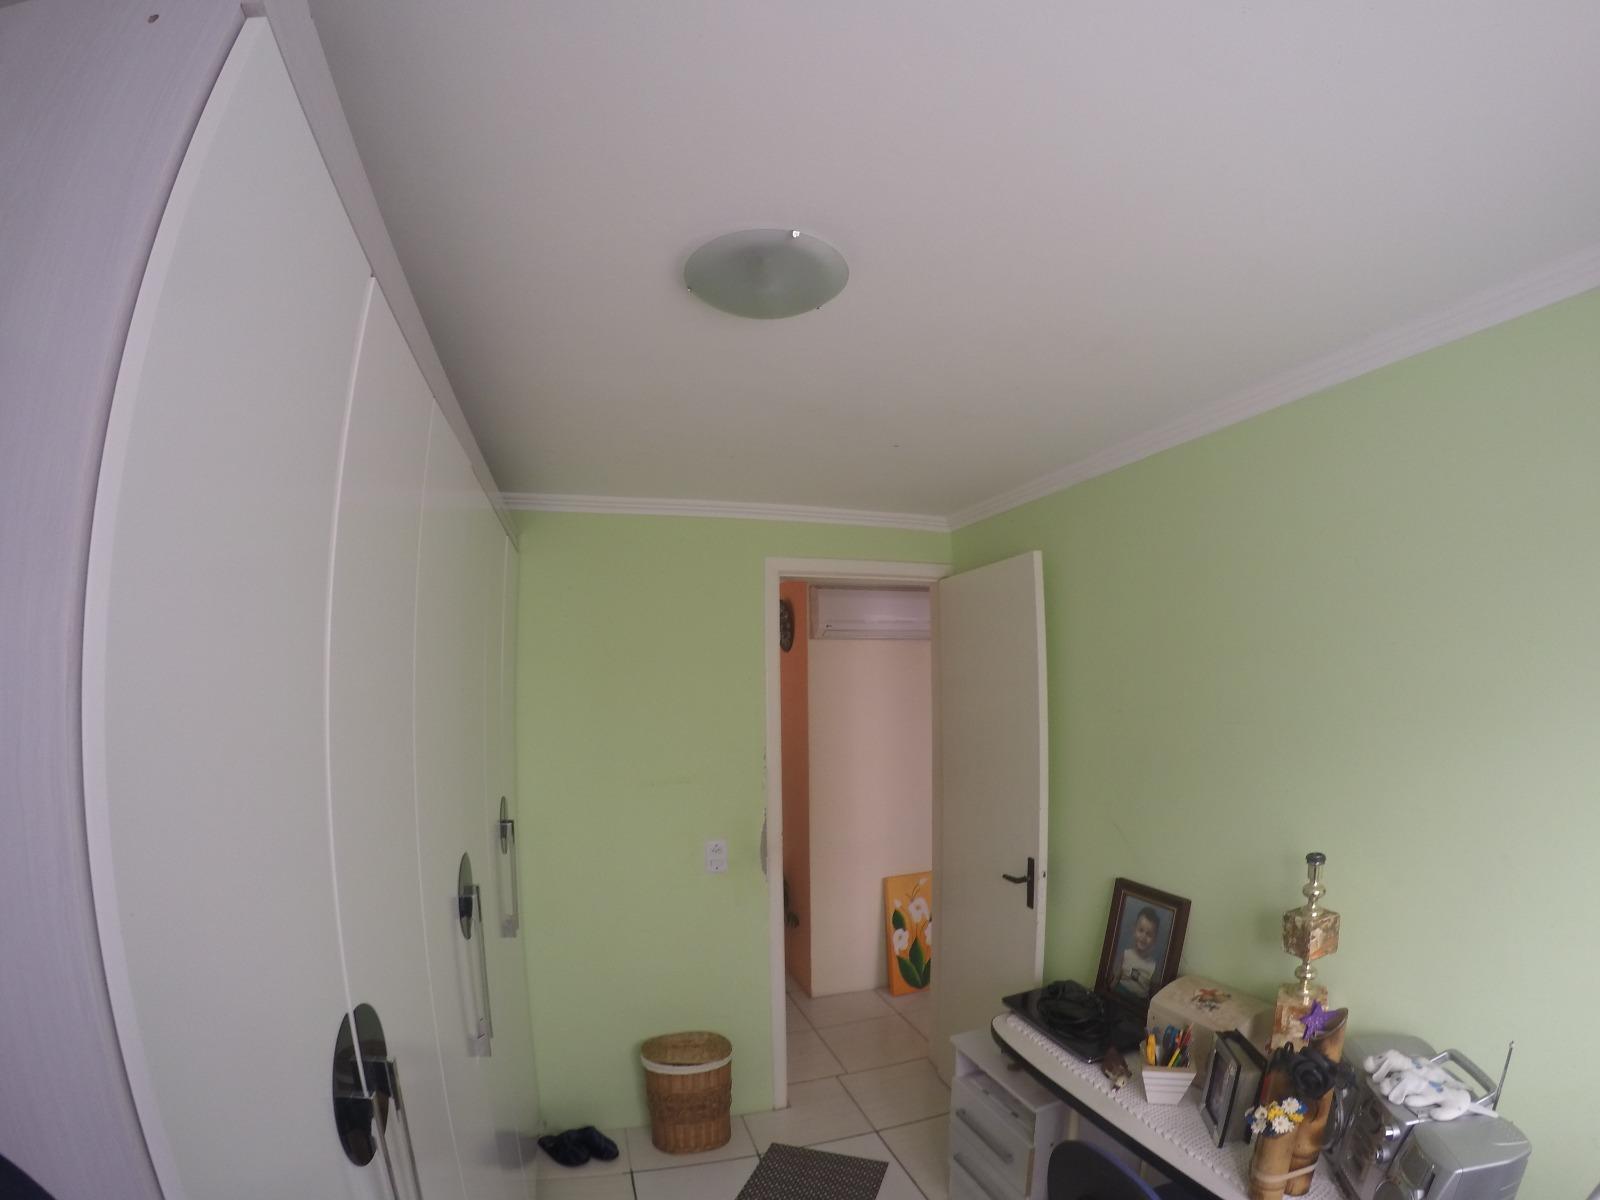 Residencial Flamboyant - Apto 2 Dorm, Mato Grande, Canoas (BD3126) - Foto 4